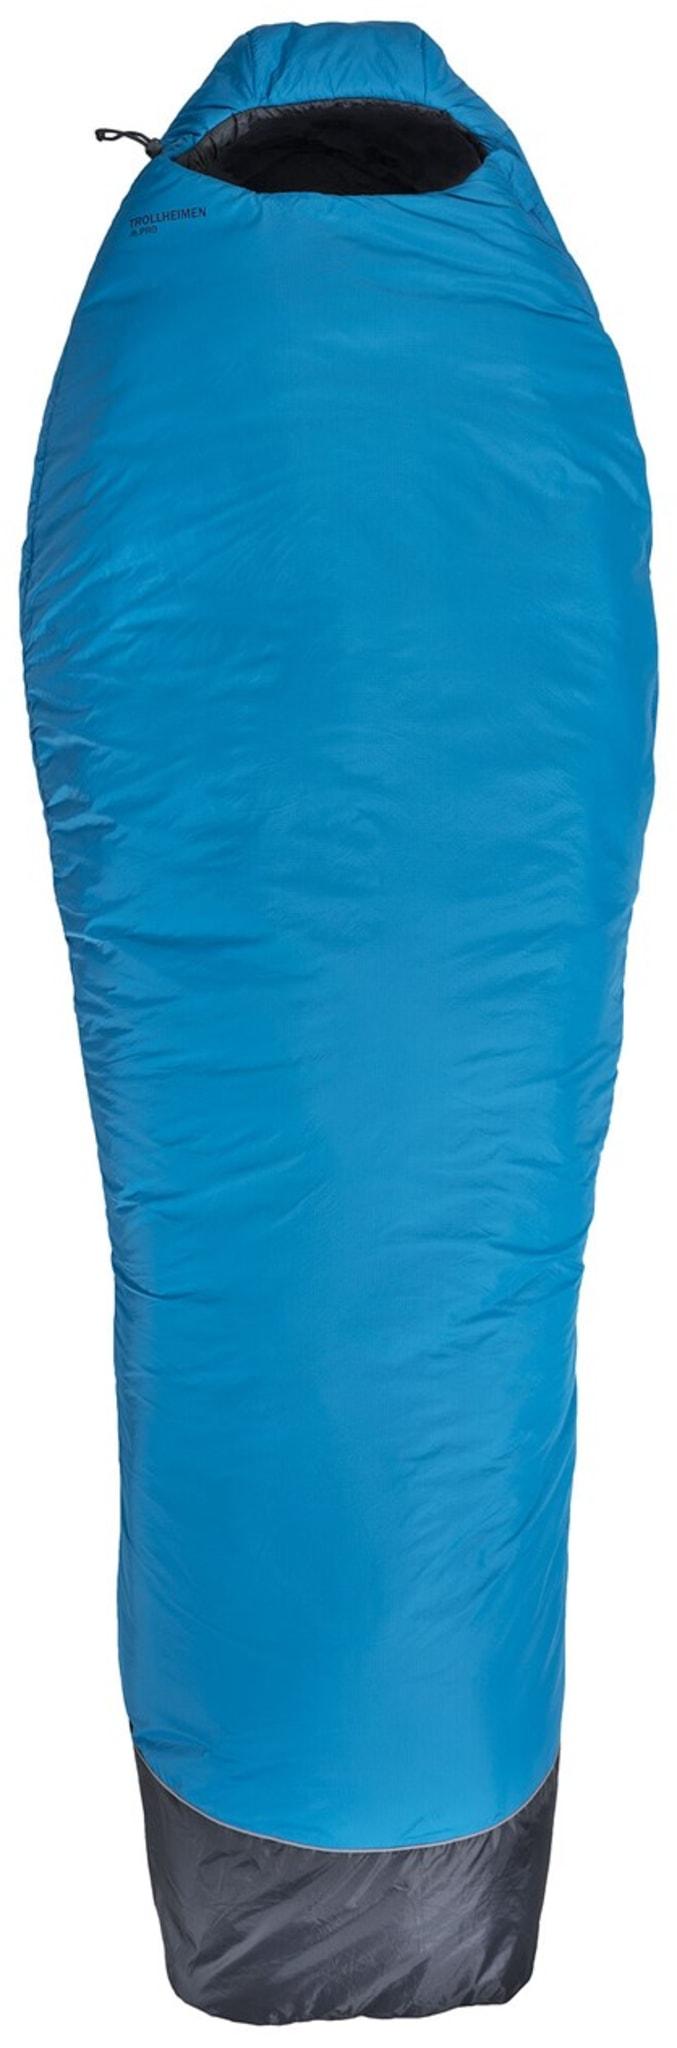 Sovepose tilpasset passform, anti-skli-materiale og vanntett bunn